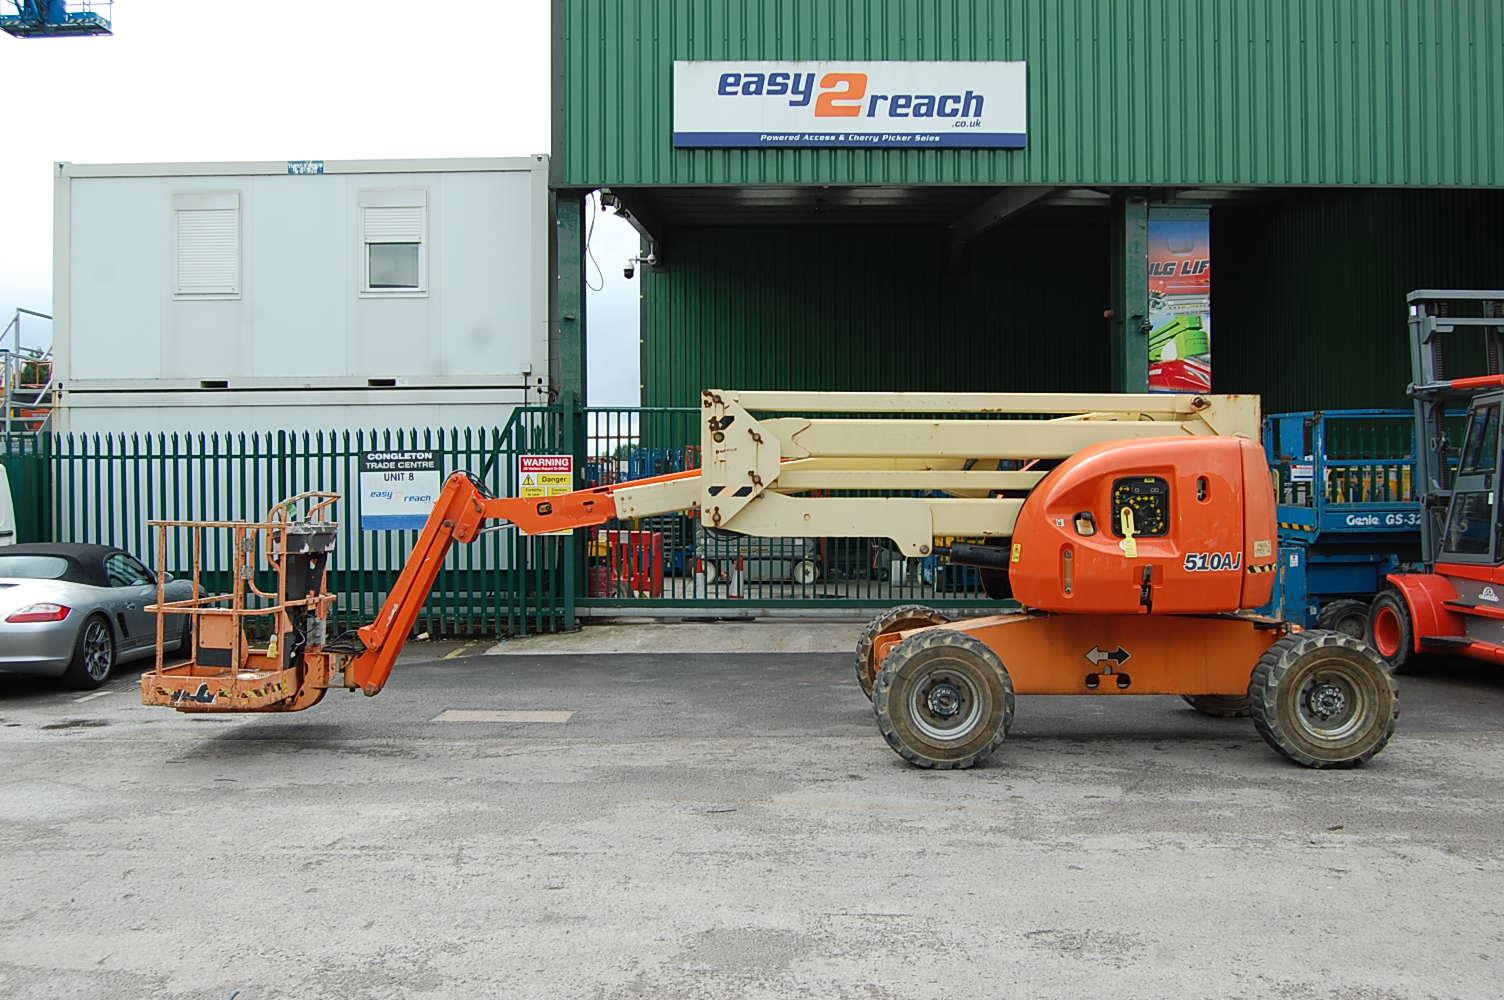 2008 JLG 510AJ Diesel Boom Lift 17.8m